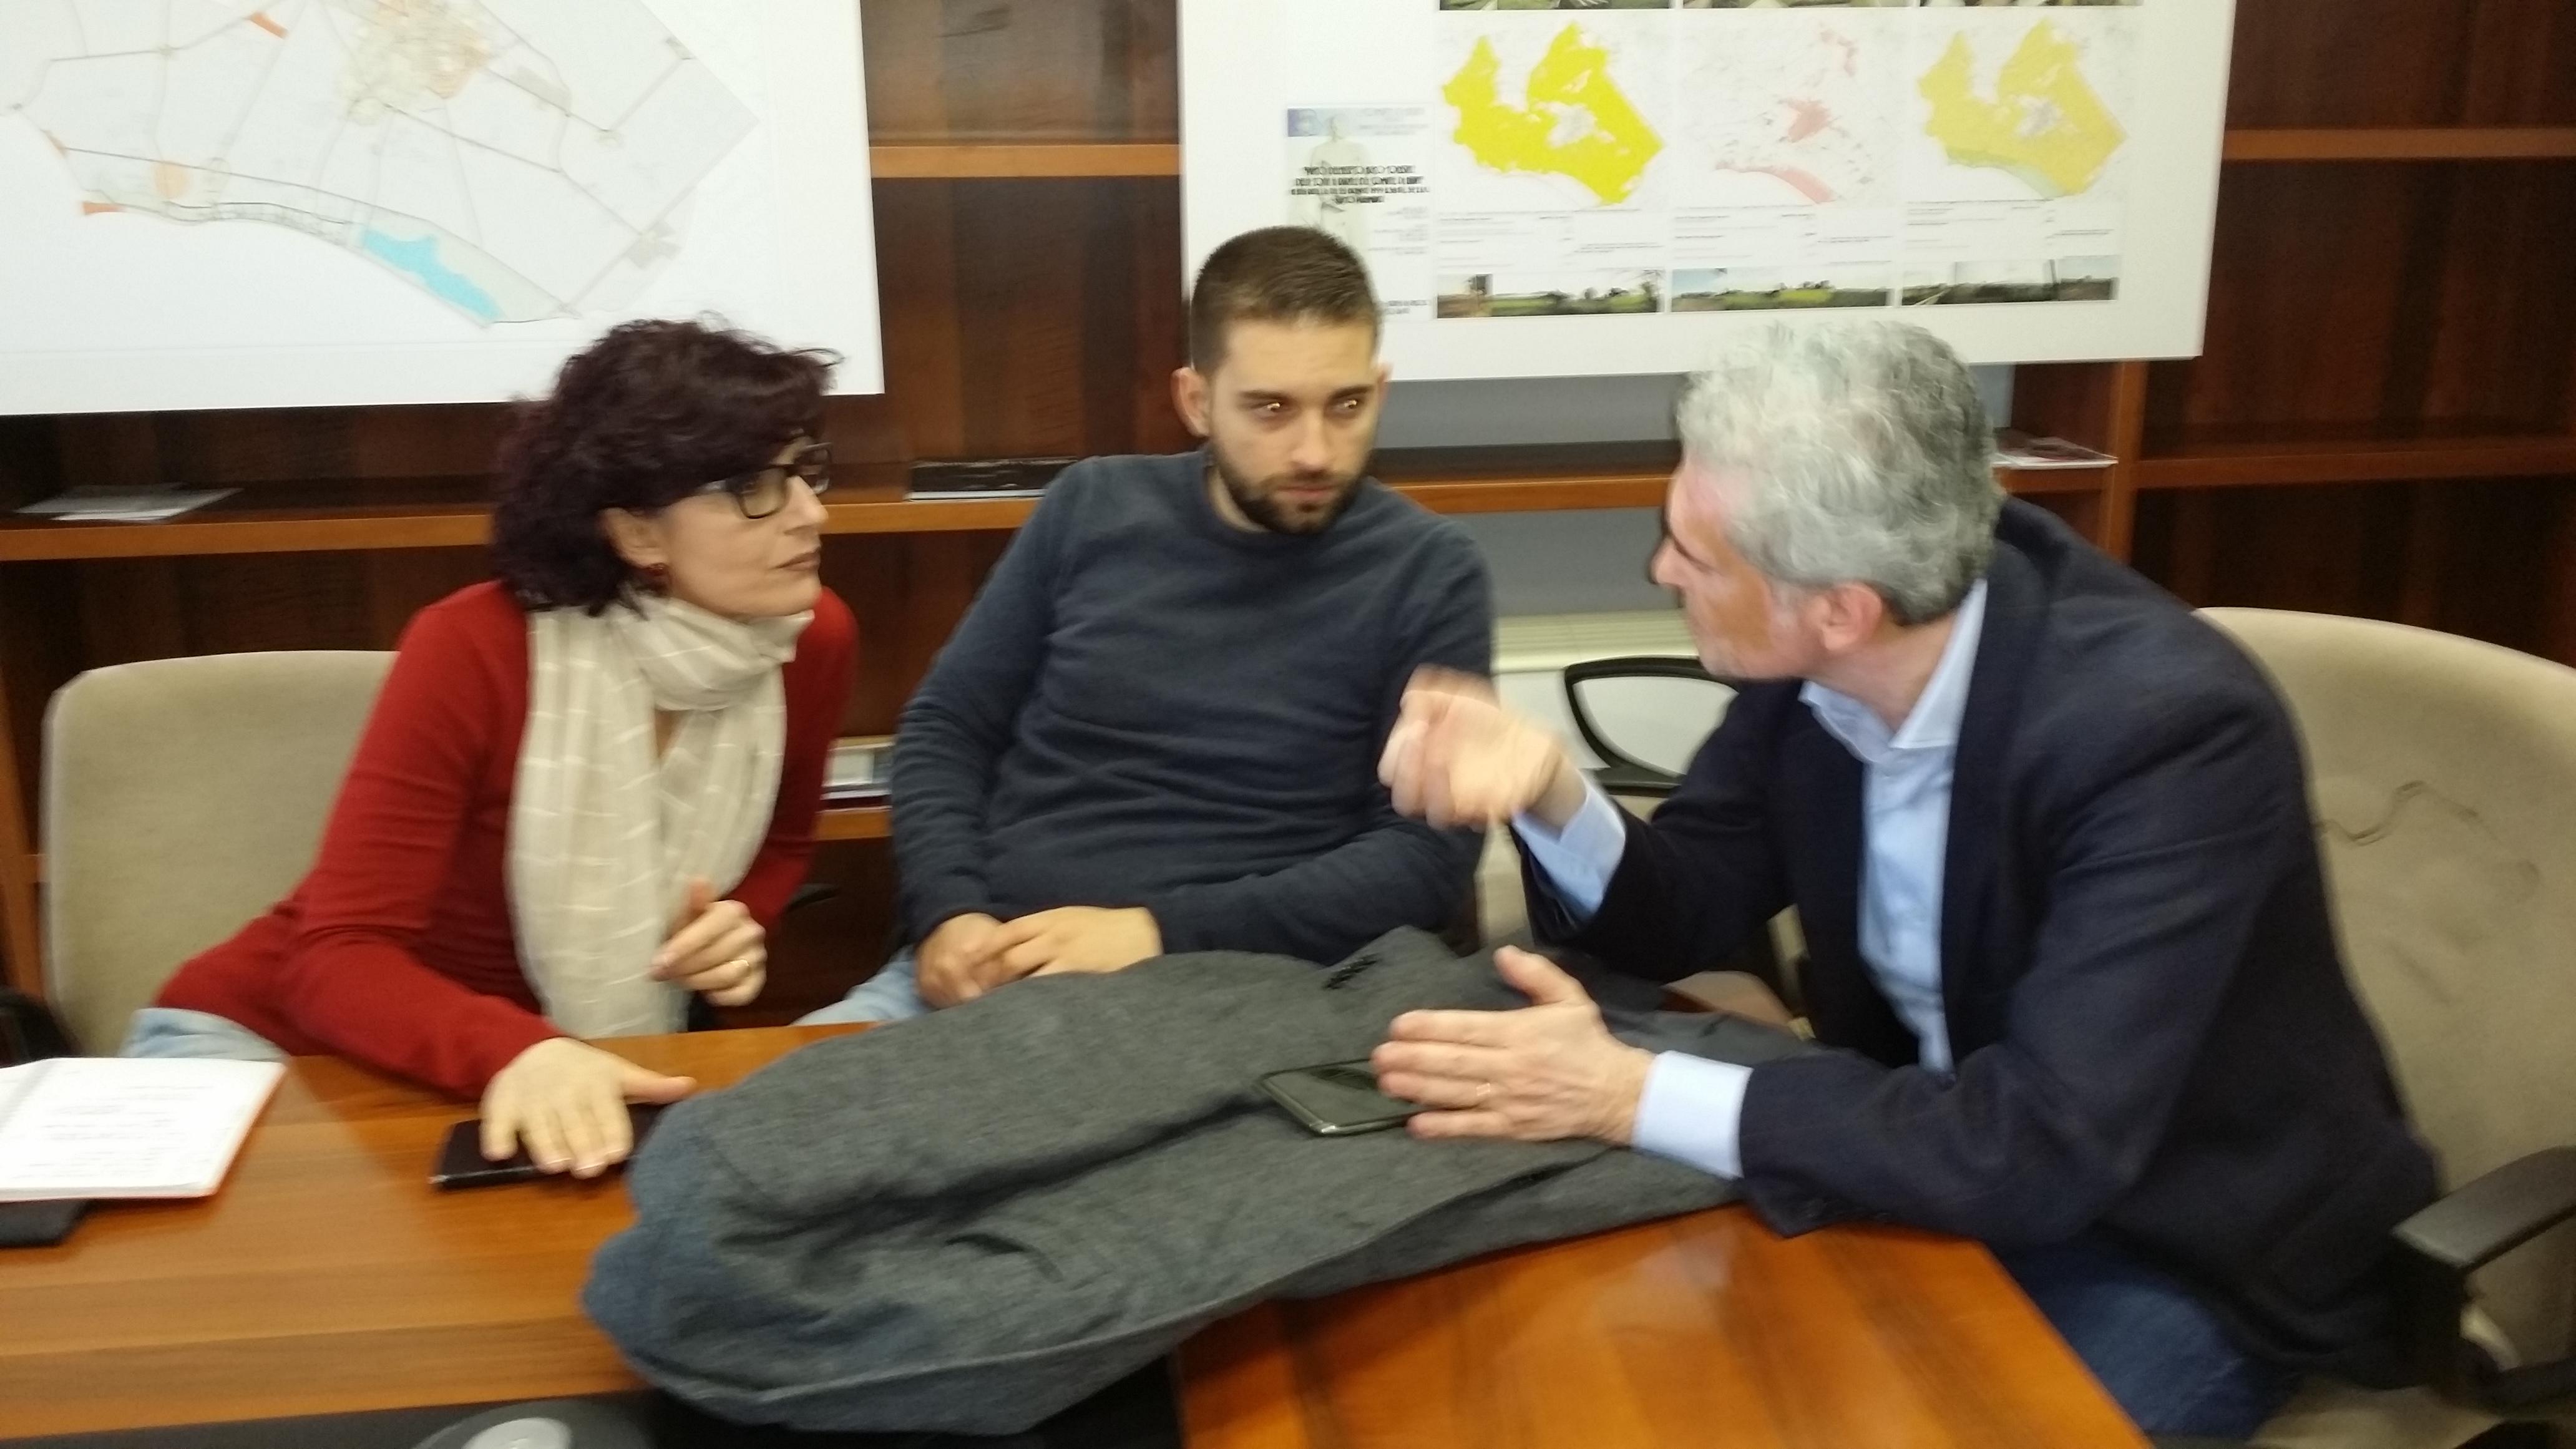 Nicoletta Zuliani, Matteo Coluzzi e Alessandro Calvi